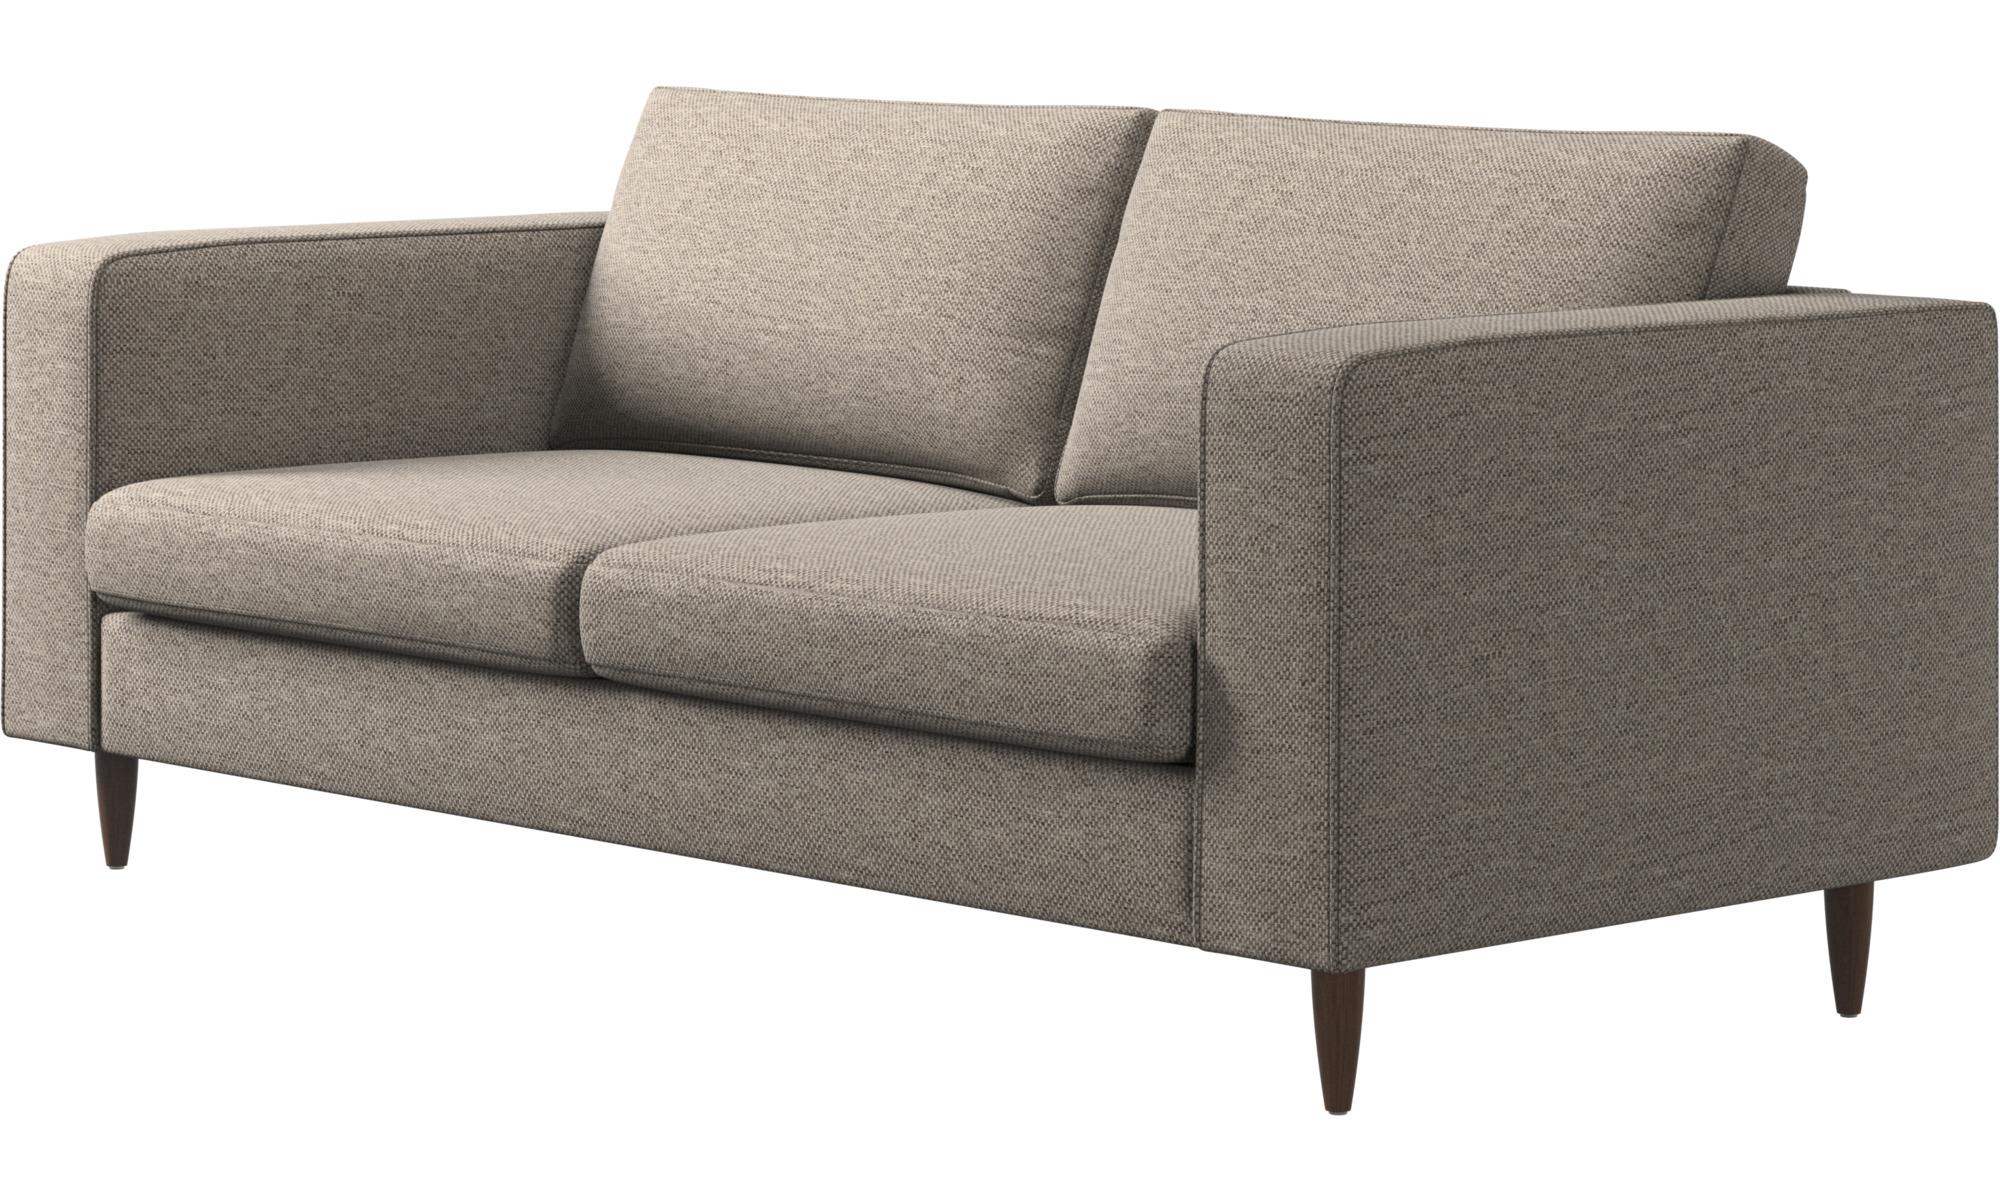 canap s 2 places et demi canap indivi 2 boconcept. Black Bedroom Furniture Sets. Home Design Ideas